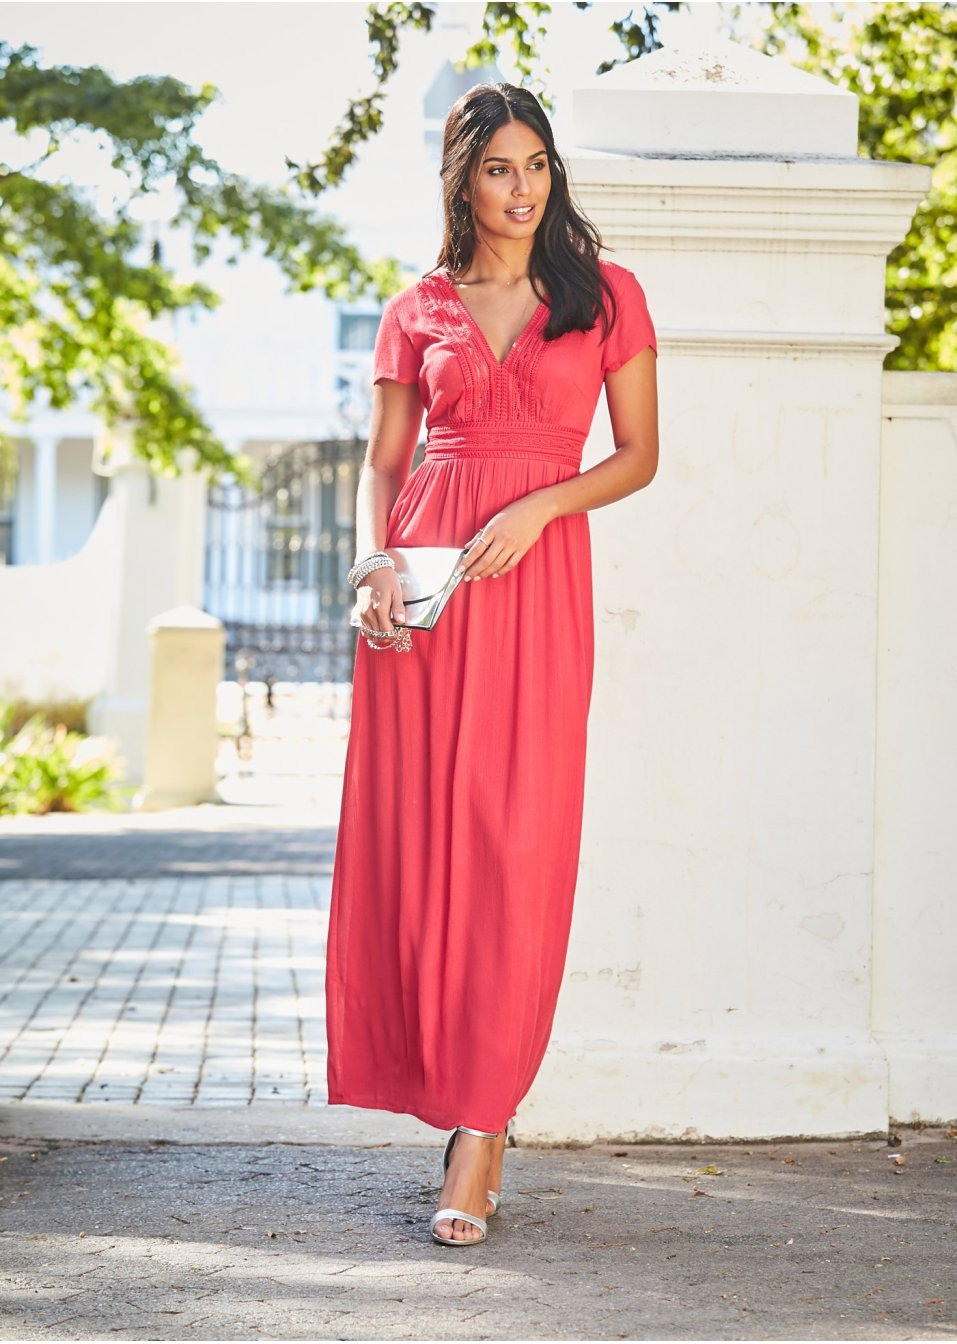 15 Cool Sommerkleider Größe 52 Spezialgebiet Einfach Sommerkleider Größe 52 Boutique